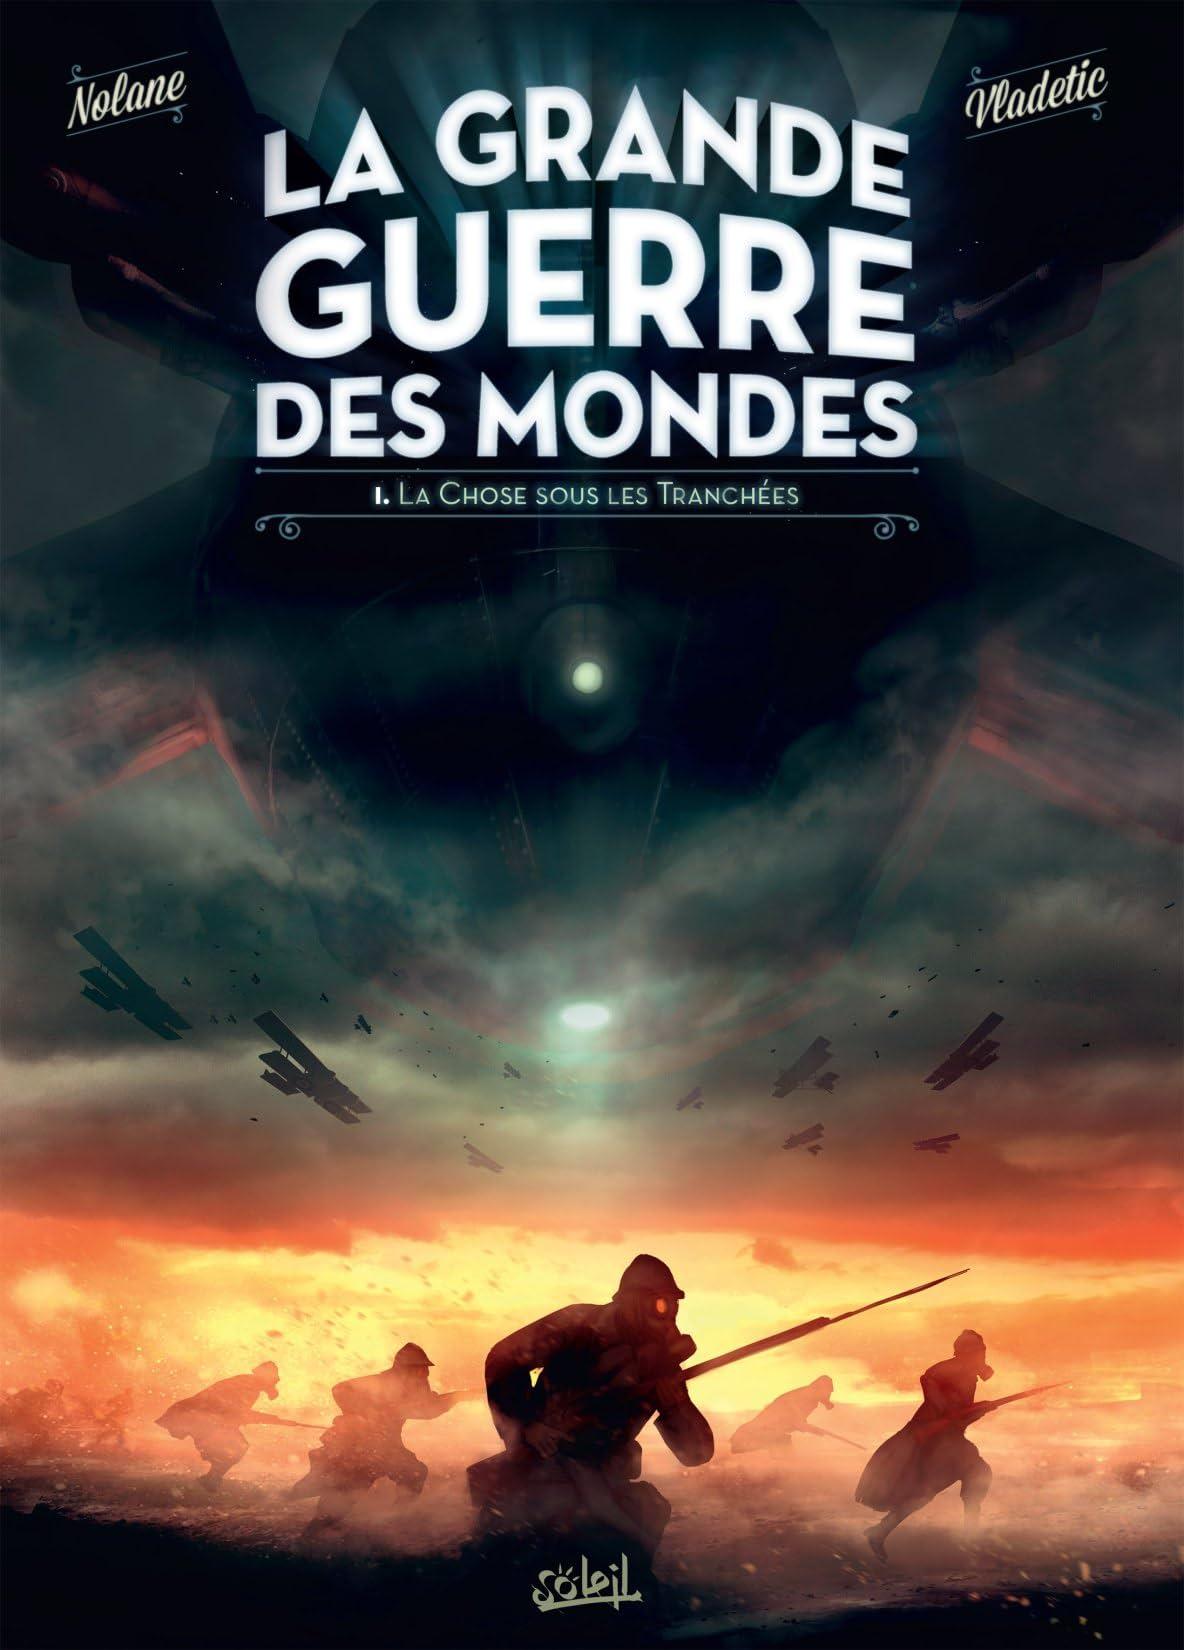 La Grande Guerre des mondes Vol. 1: La Chose sous les tranchées